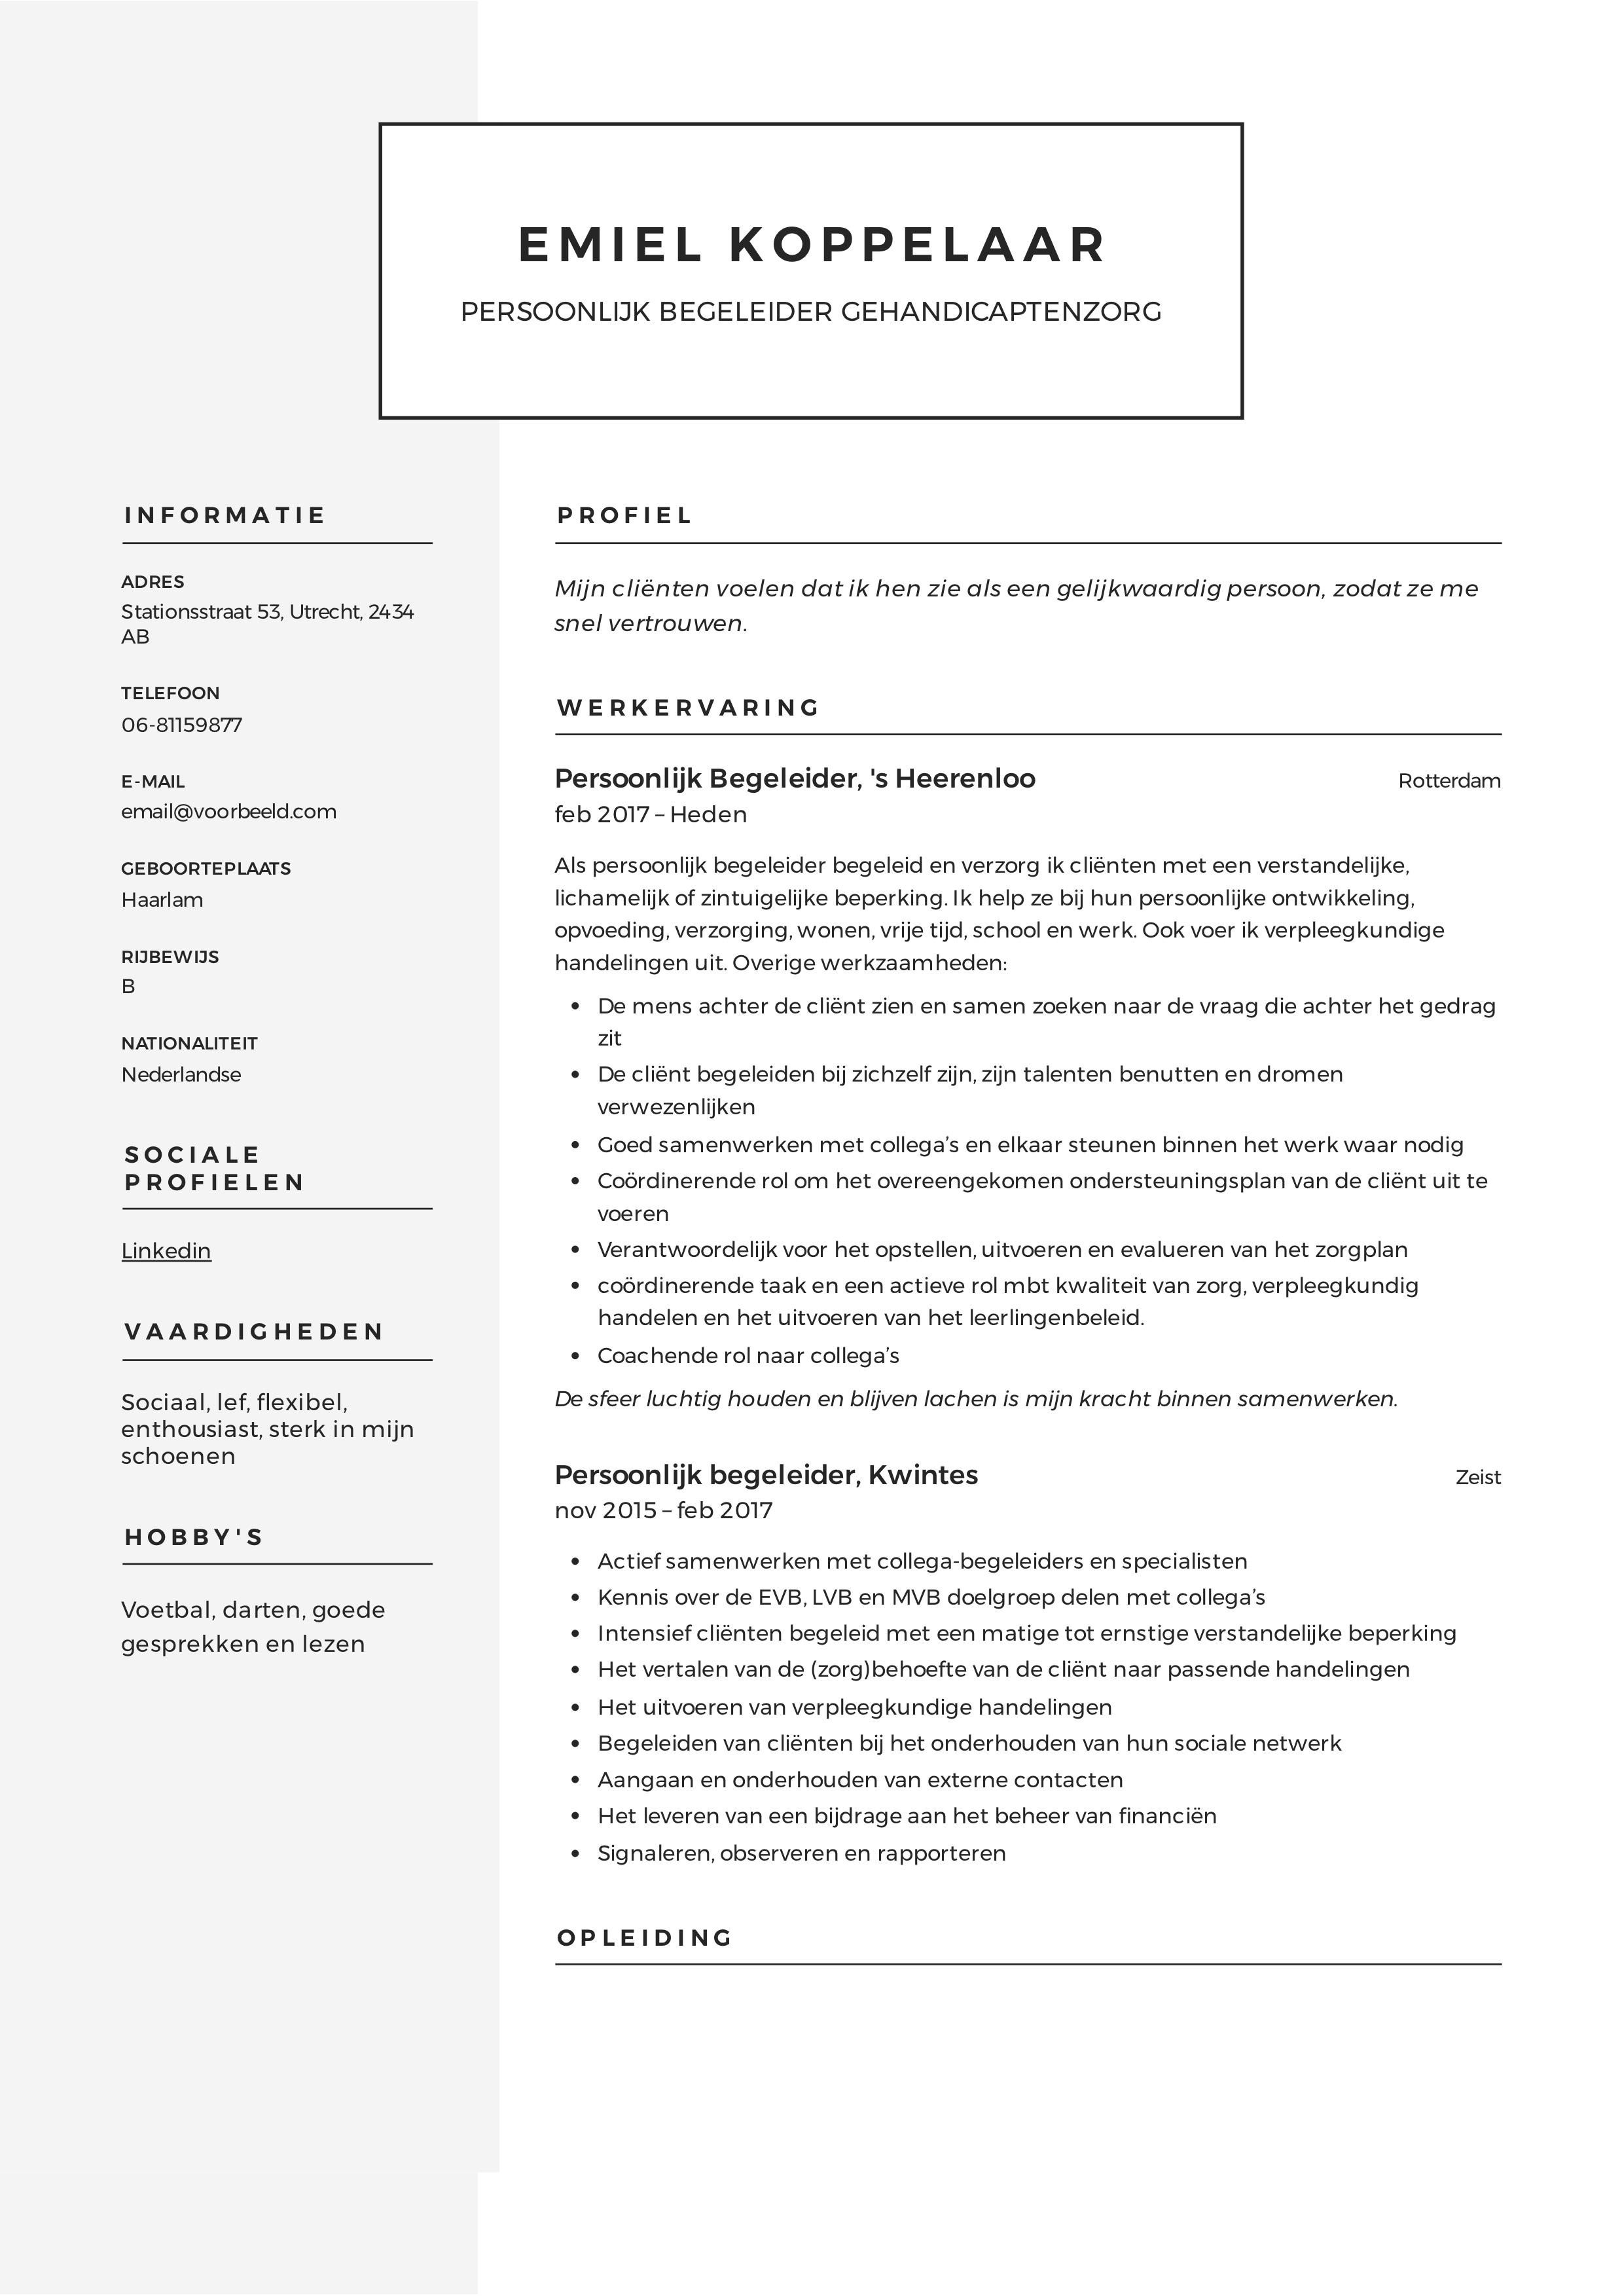 Emiel_Koppelaar_-_CV_-_Persoonlijk_begeleider_gehandicaptenzorg (4)